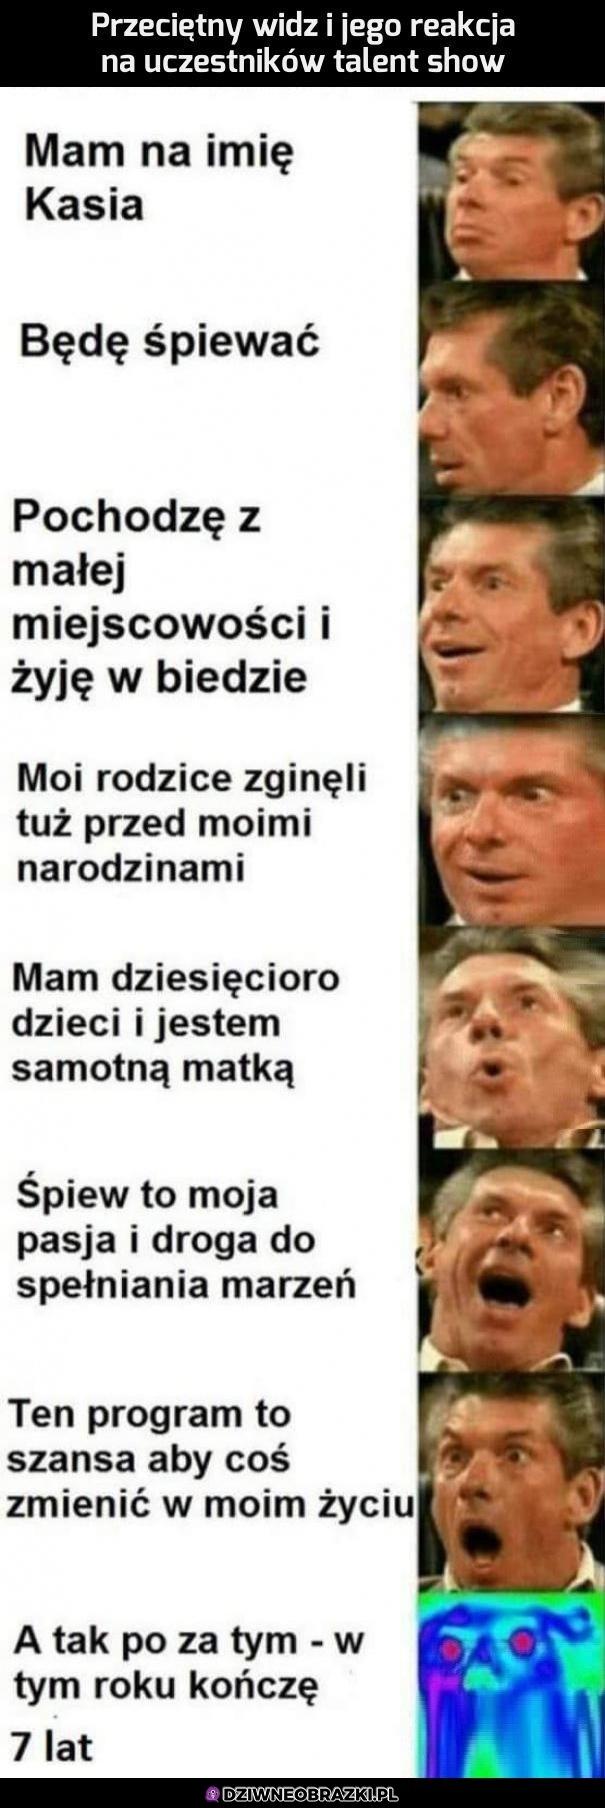 Przeciętne polskie talent show wygląda właśnie tak!